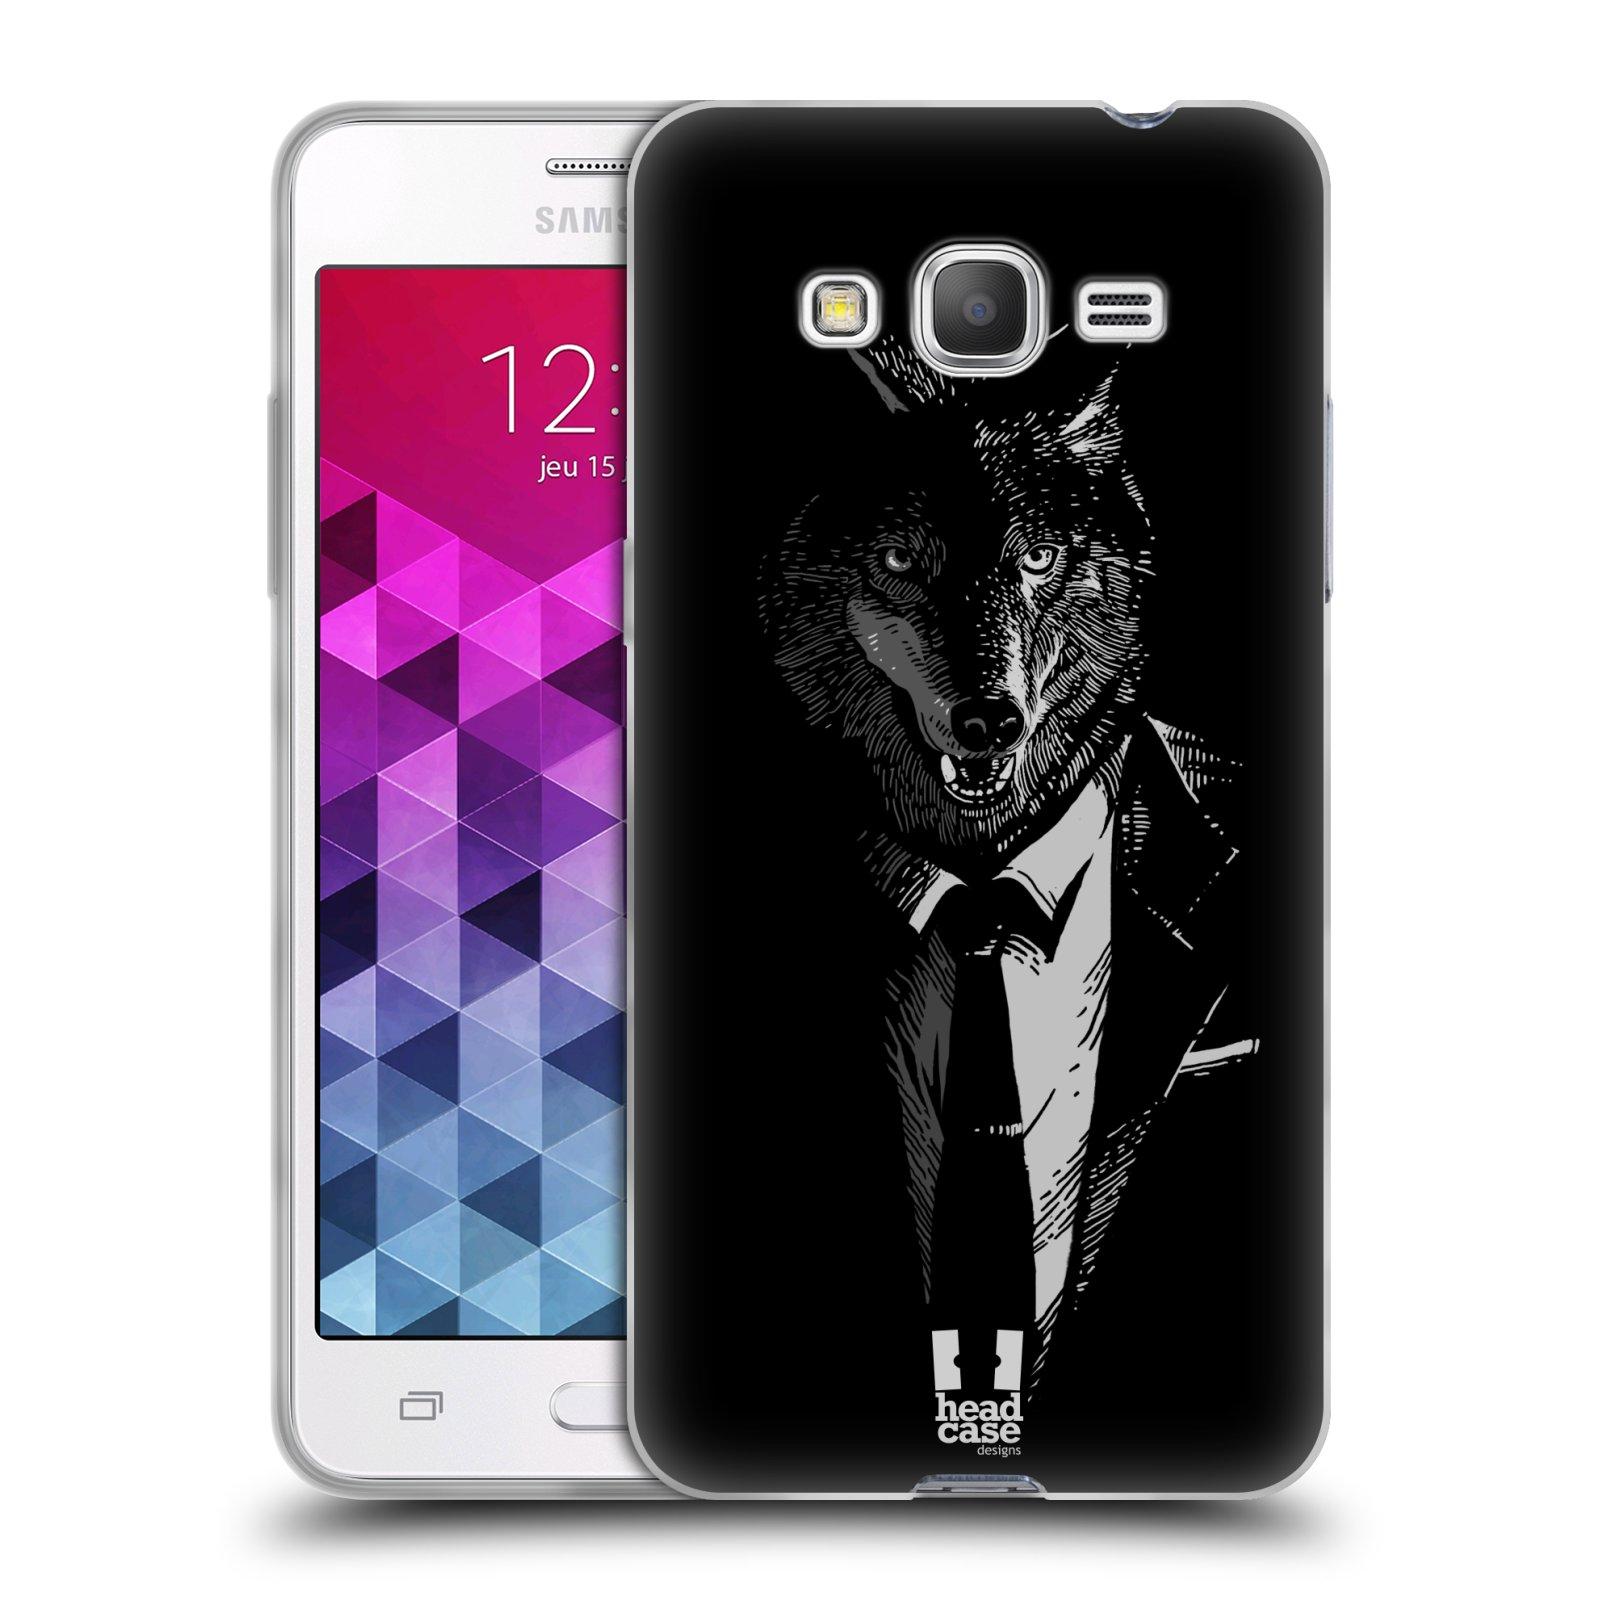 Silikonové pouzdro na mobil Samsung Galaxy Grand Prime HEAD CASE VLK V KVÁDRU